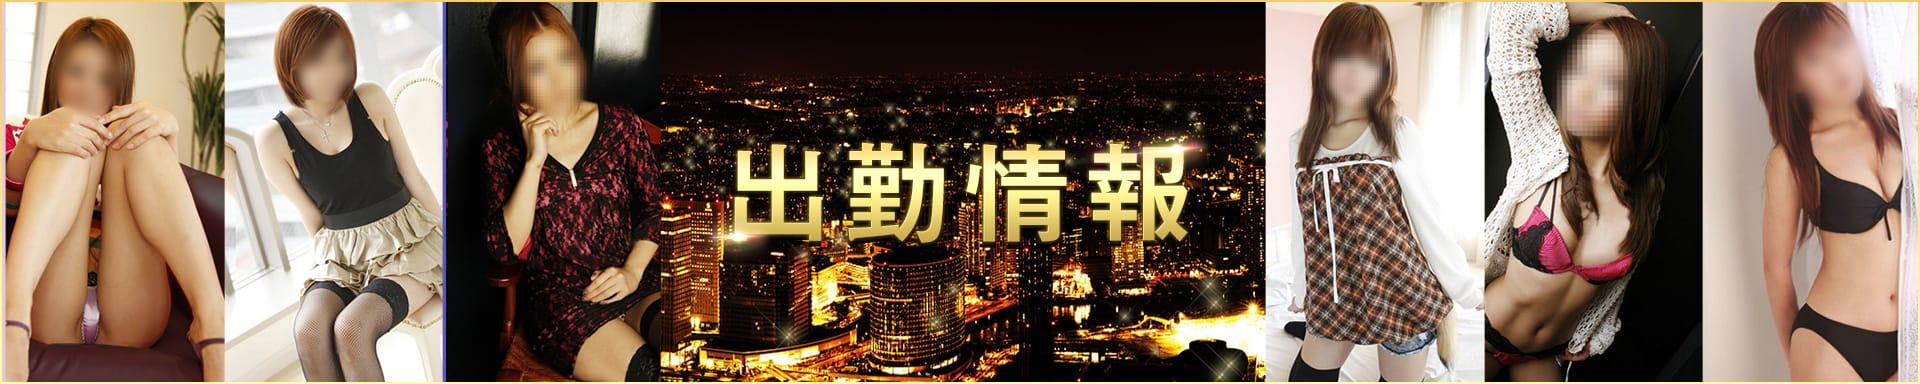 熊本デリヘル ミストレスグループ その3